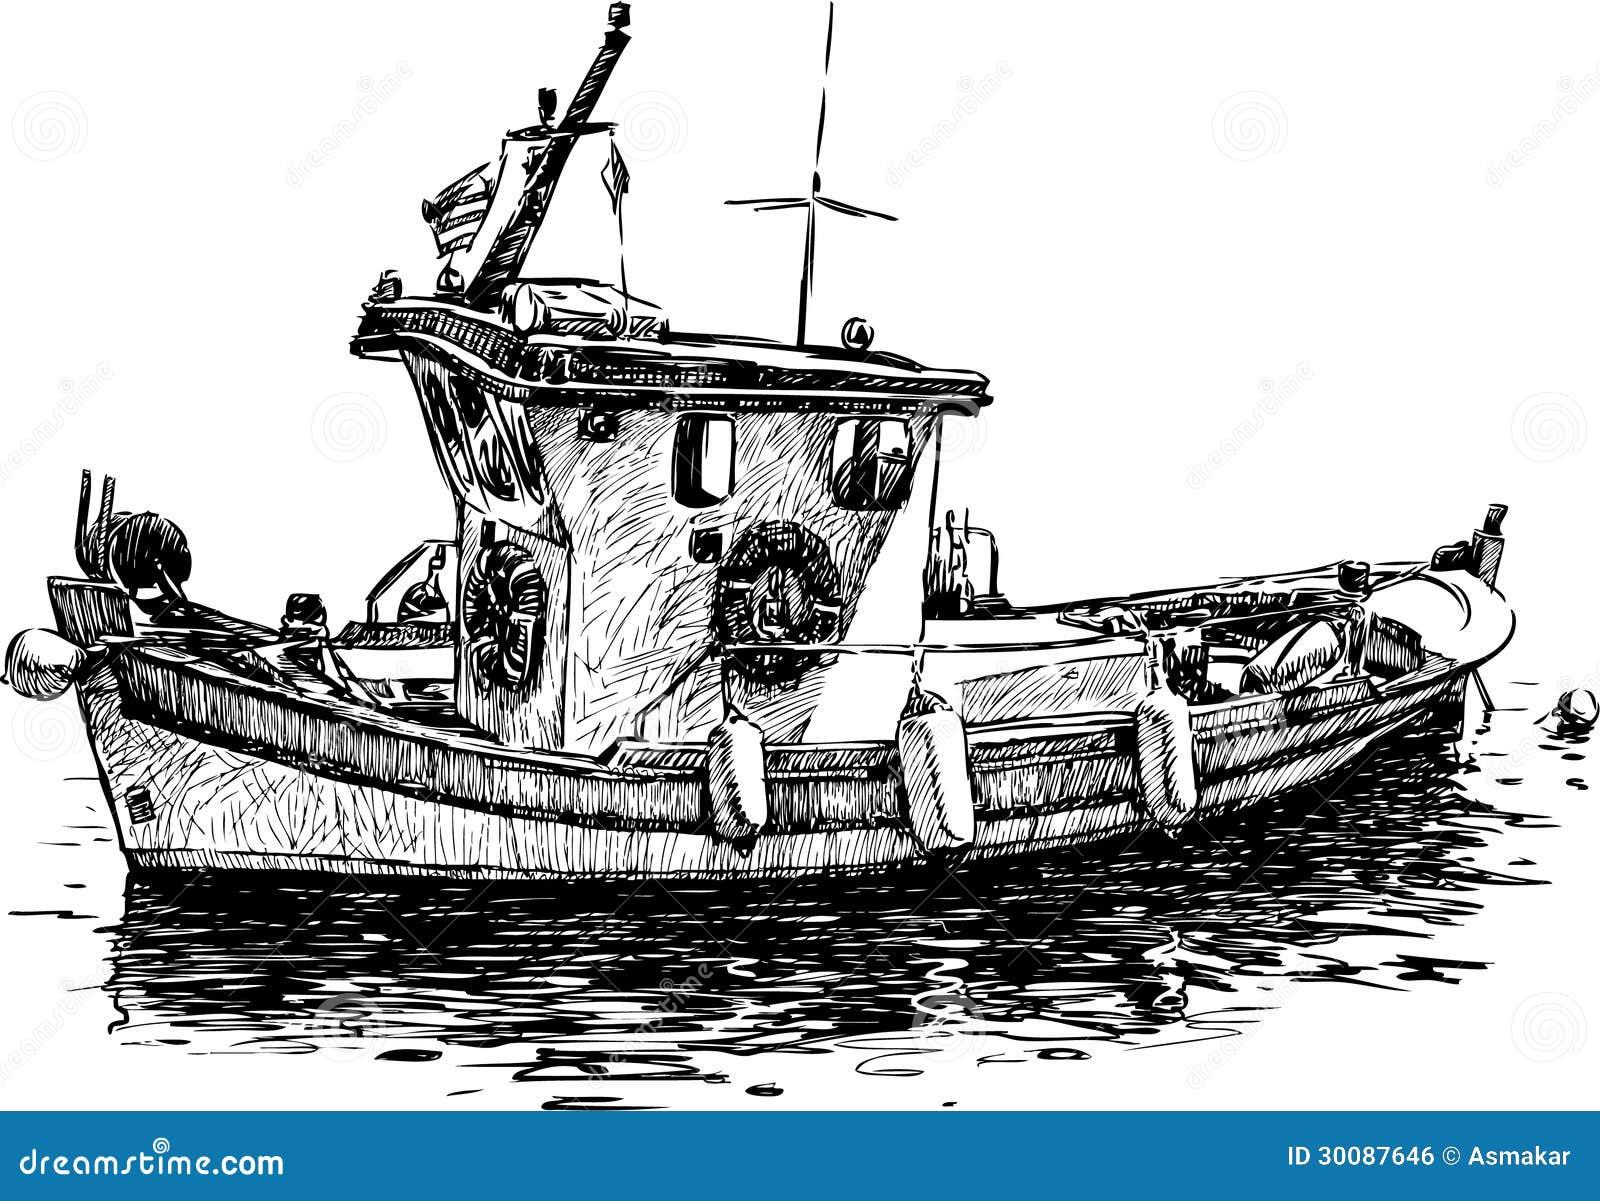 Fishing Boat Stock Photo Image Of Marine Harbor Motor